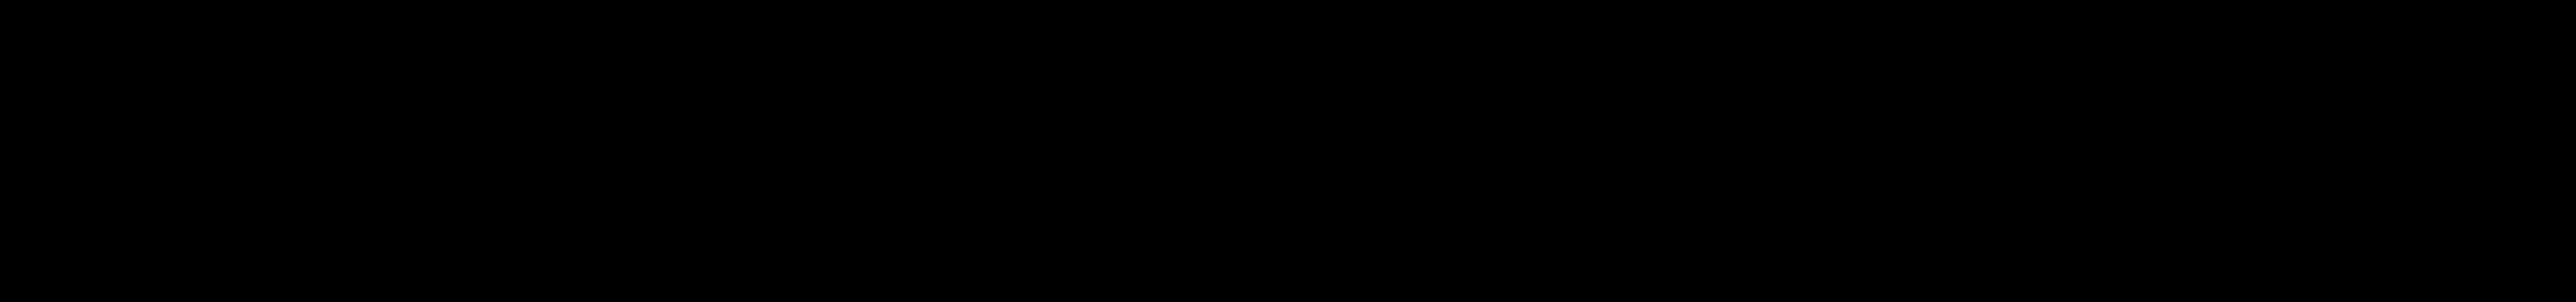 cepillo Lujo insulto  Balenciaga Logo - PNG and Vector - Logo Download